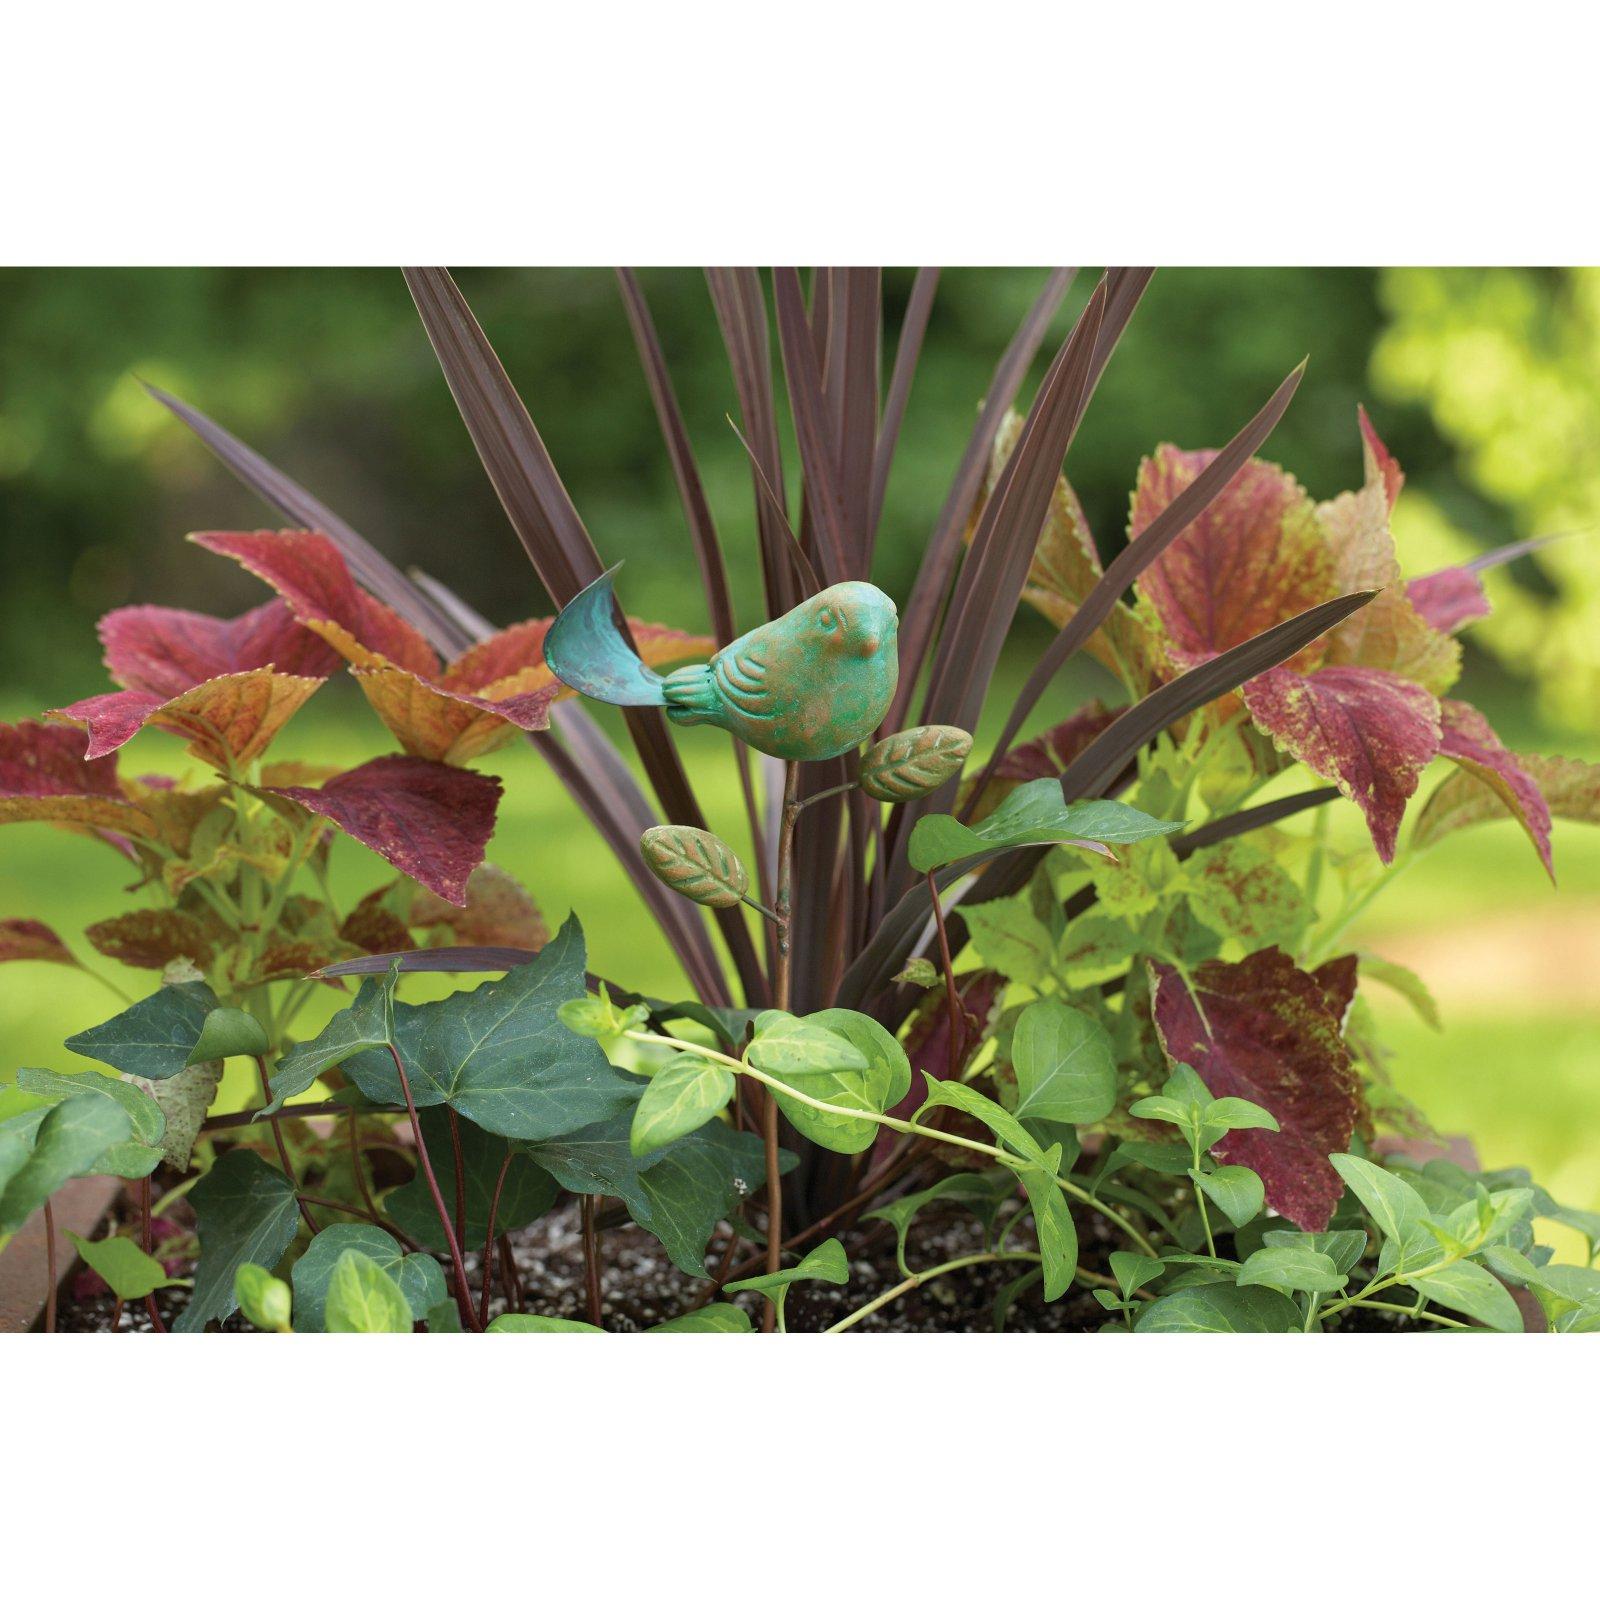 Ancient Graffiti Teal Bird Plant Pick